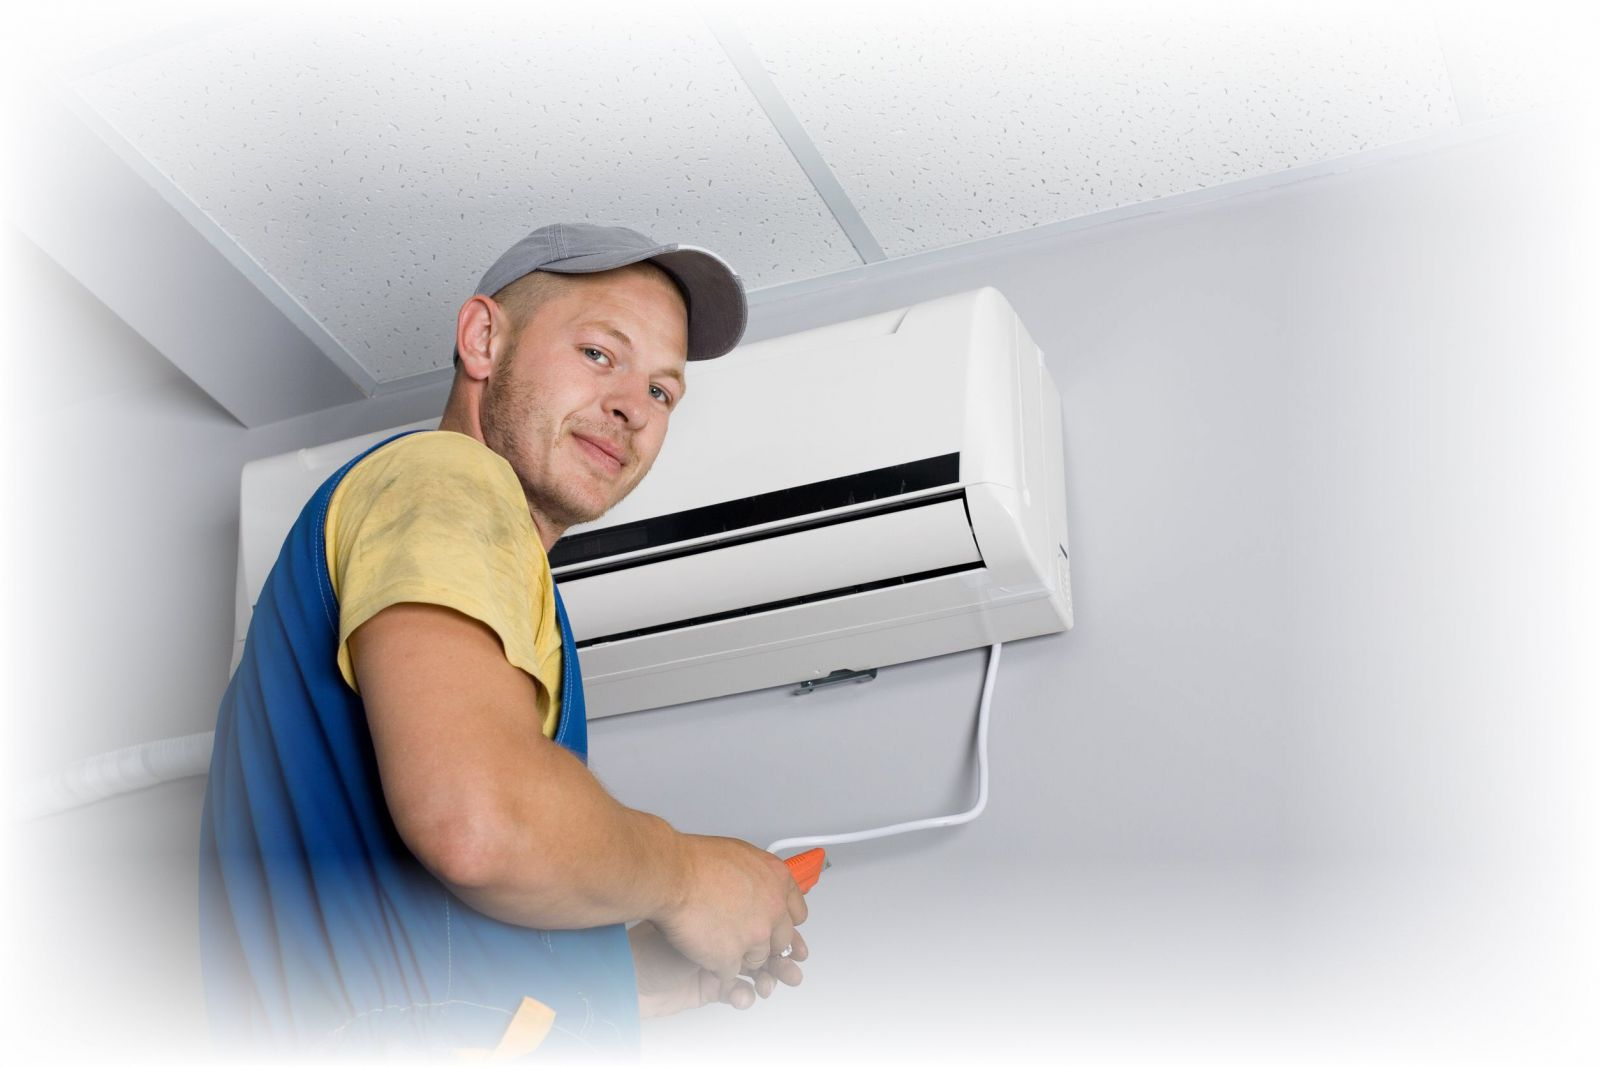 Khi nào thì chúng ta nên vệ sinh máy lạnh?